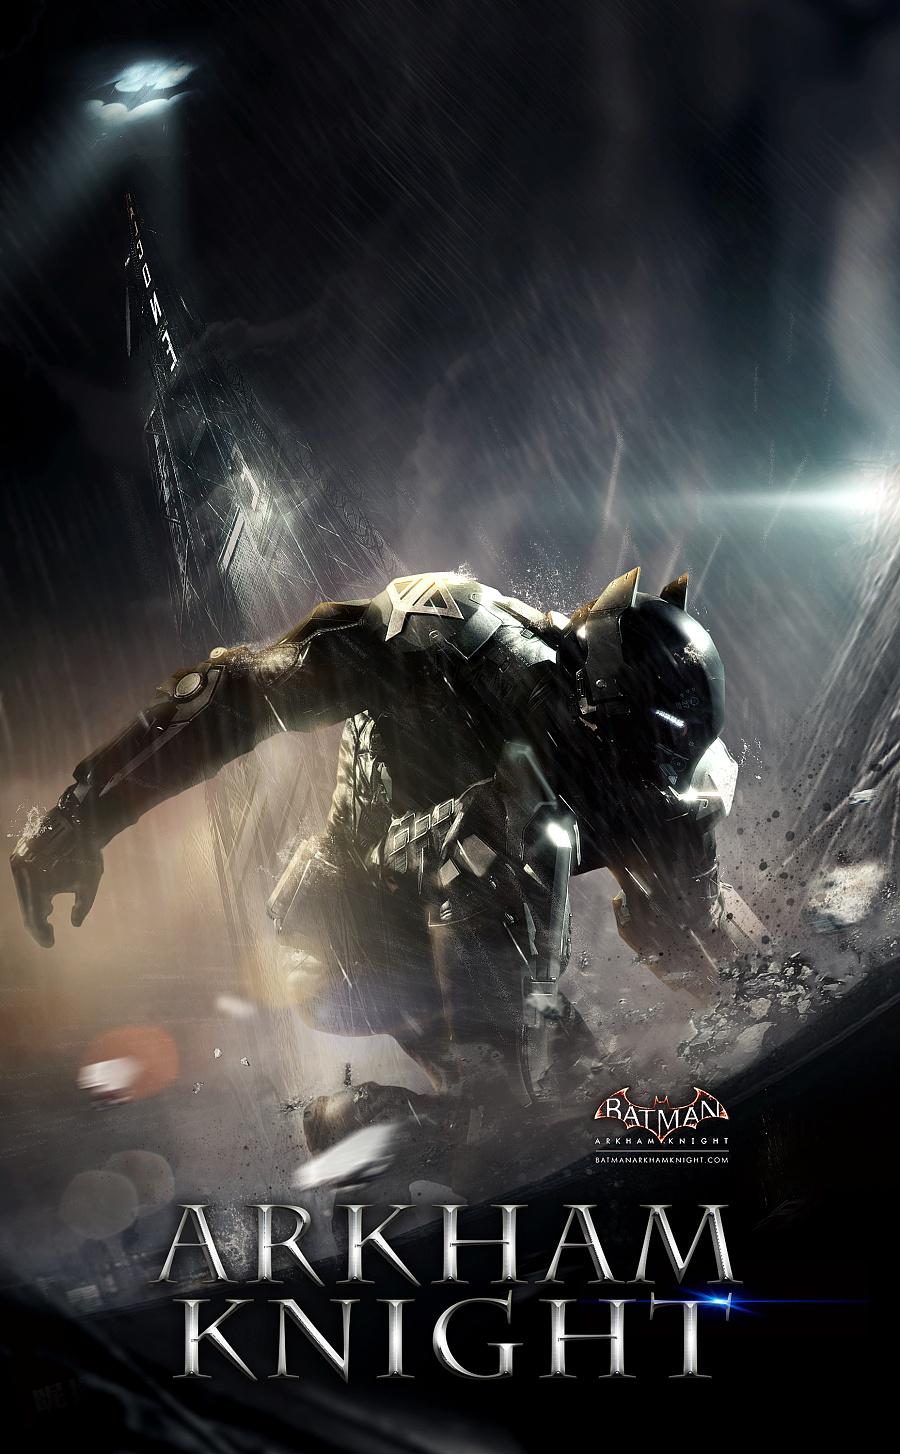 第十斩,2015年7月10日 br>batman: arkham knight 游戏概念海报设计图片